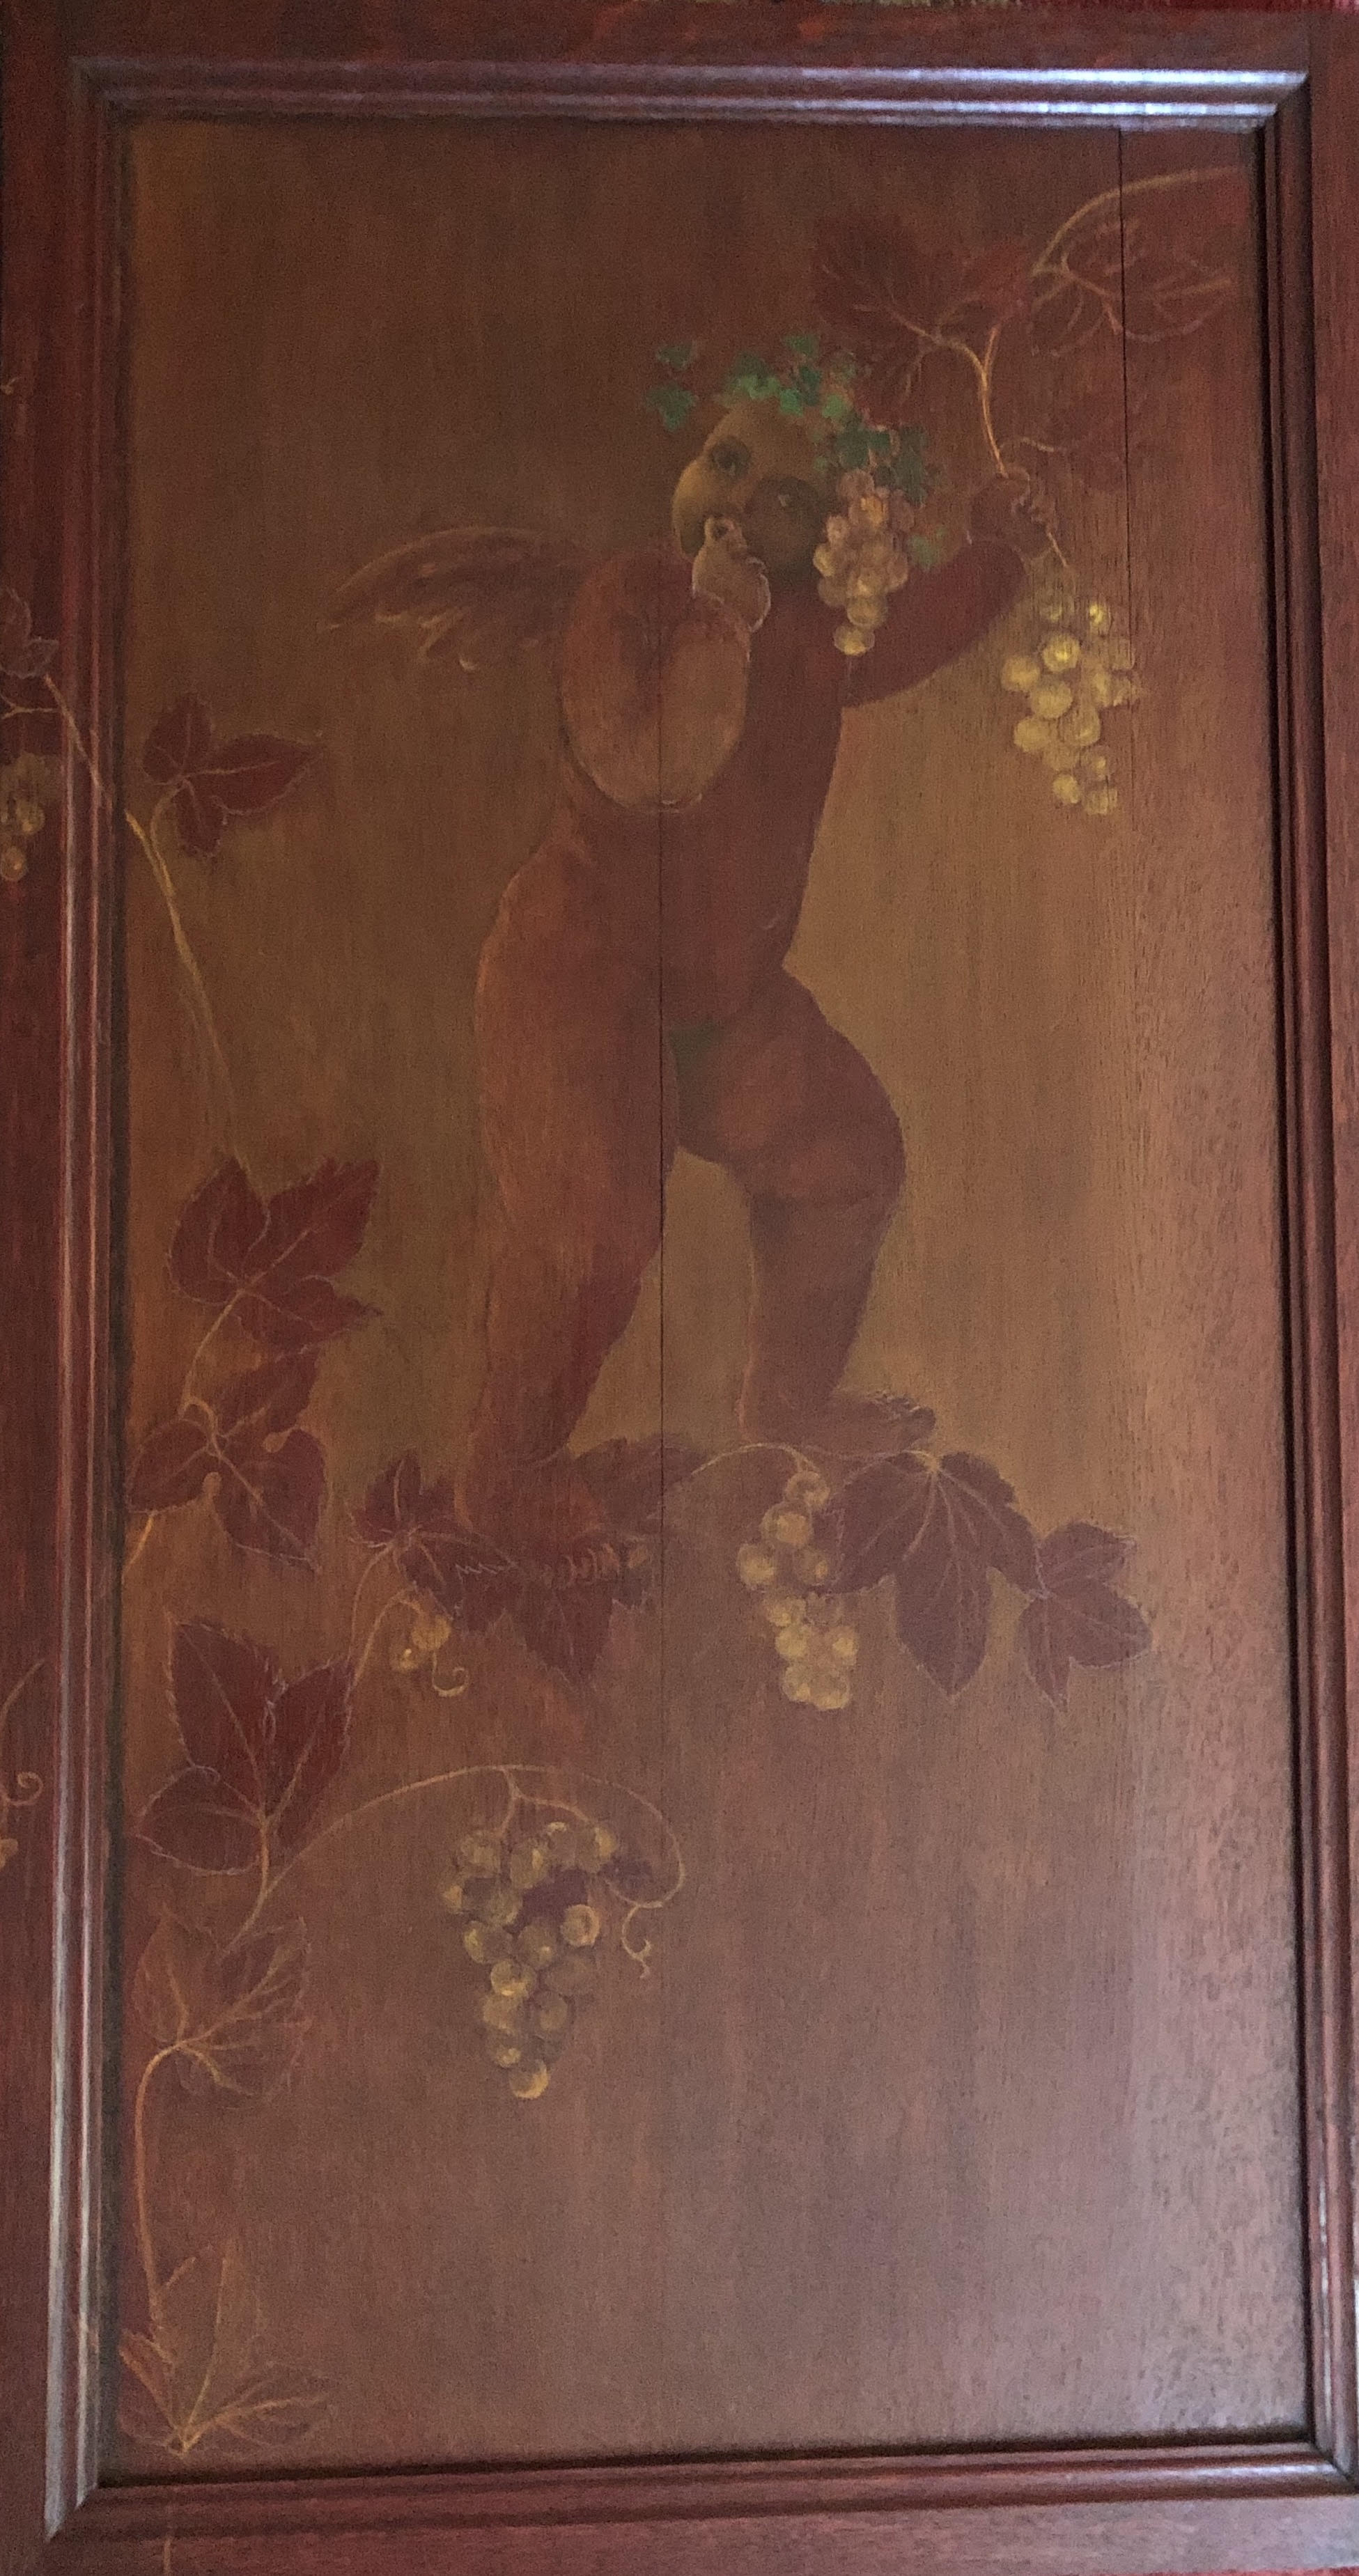 Angelot mangeant du raisin, panneau de bois d'armoire